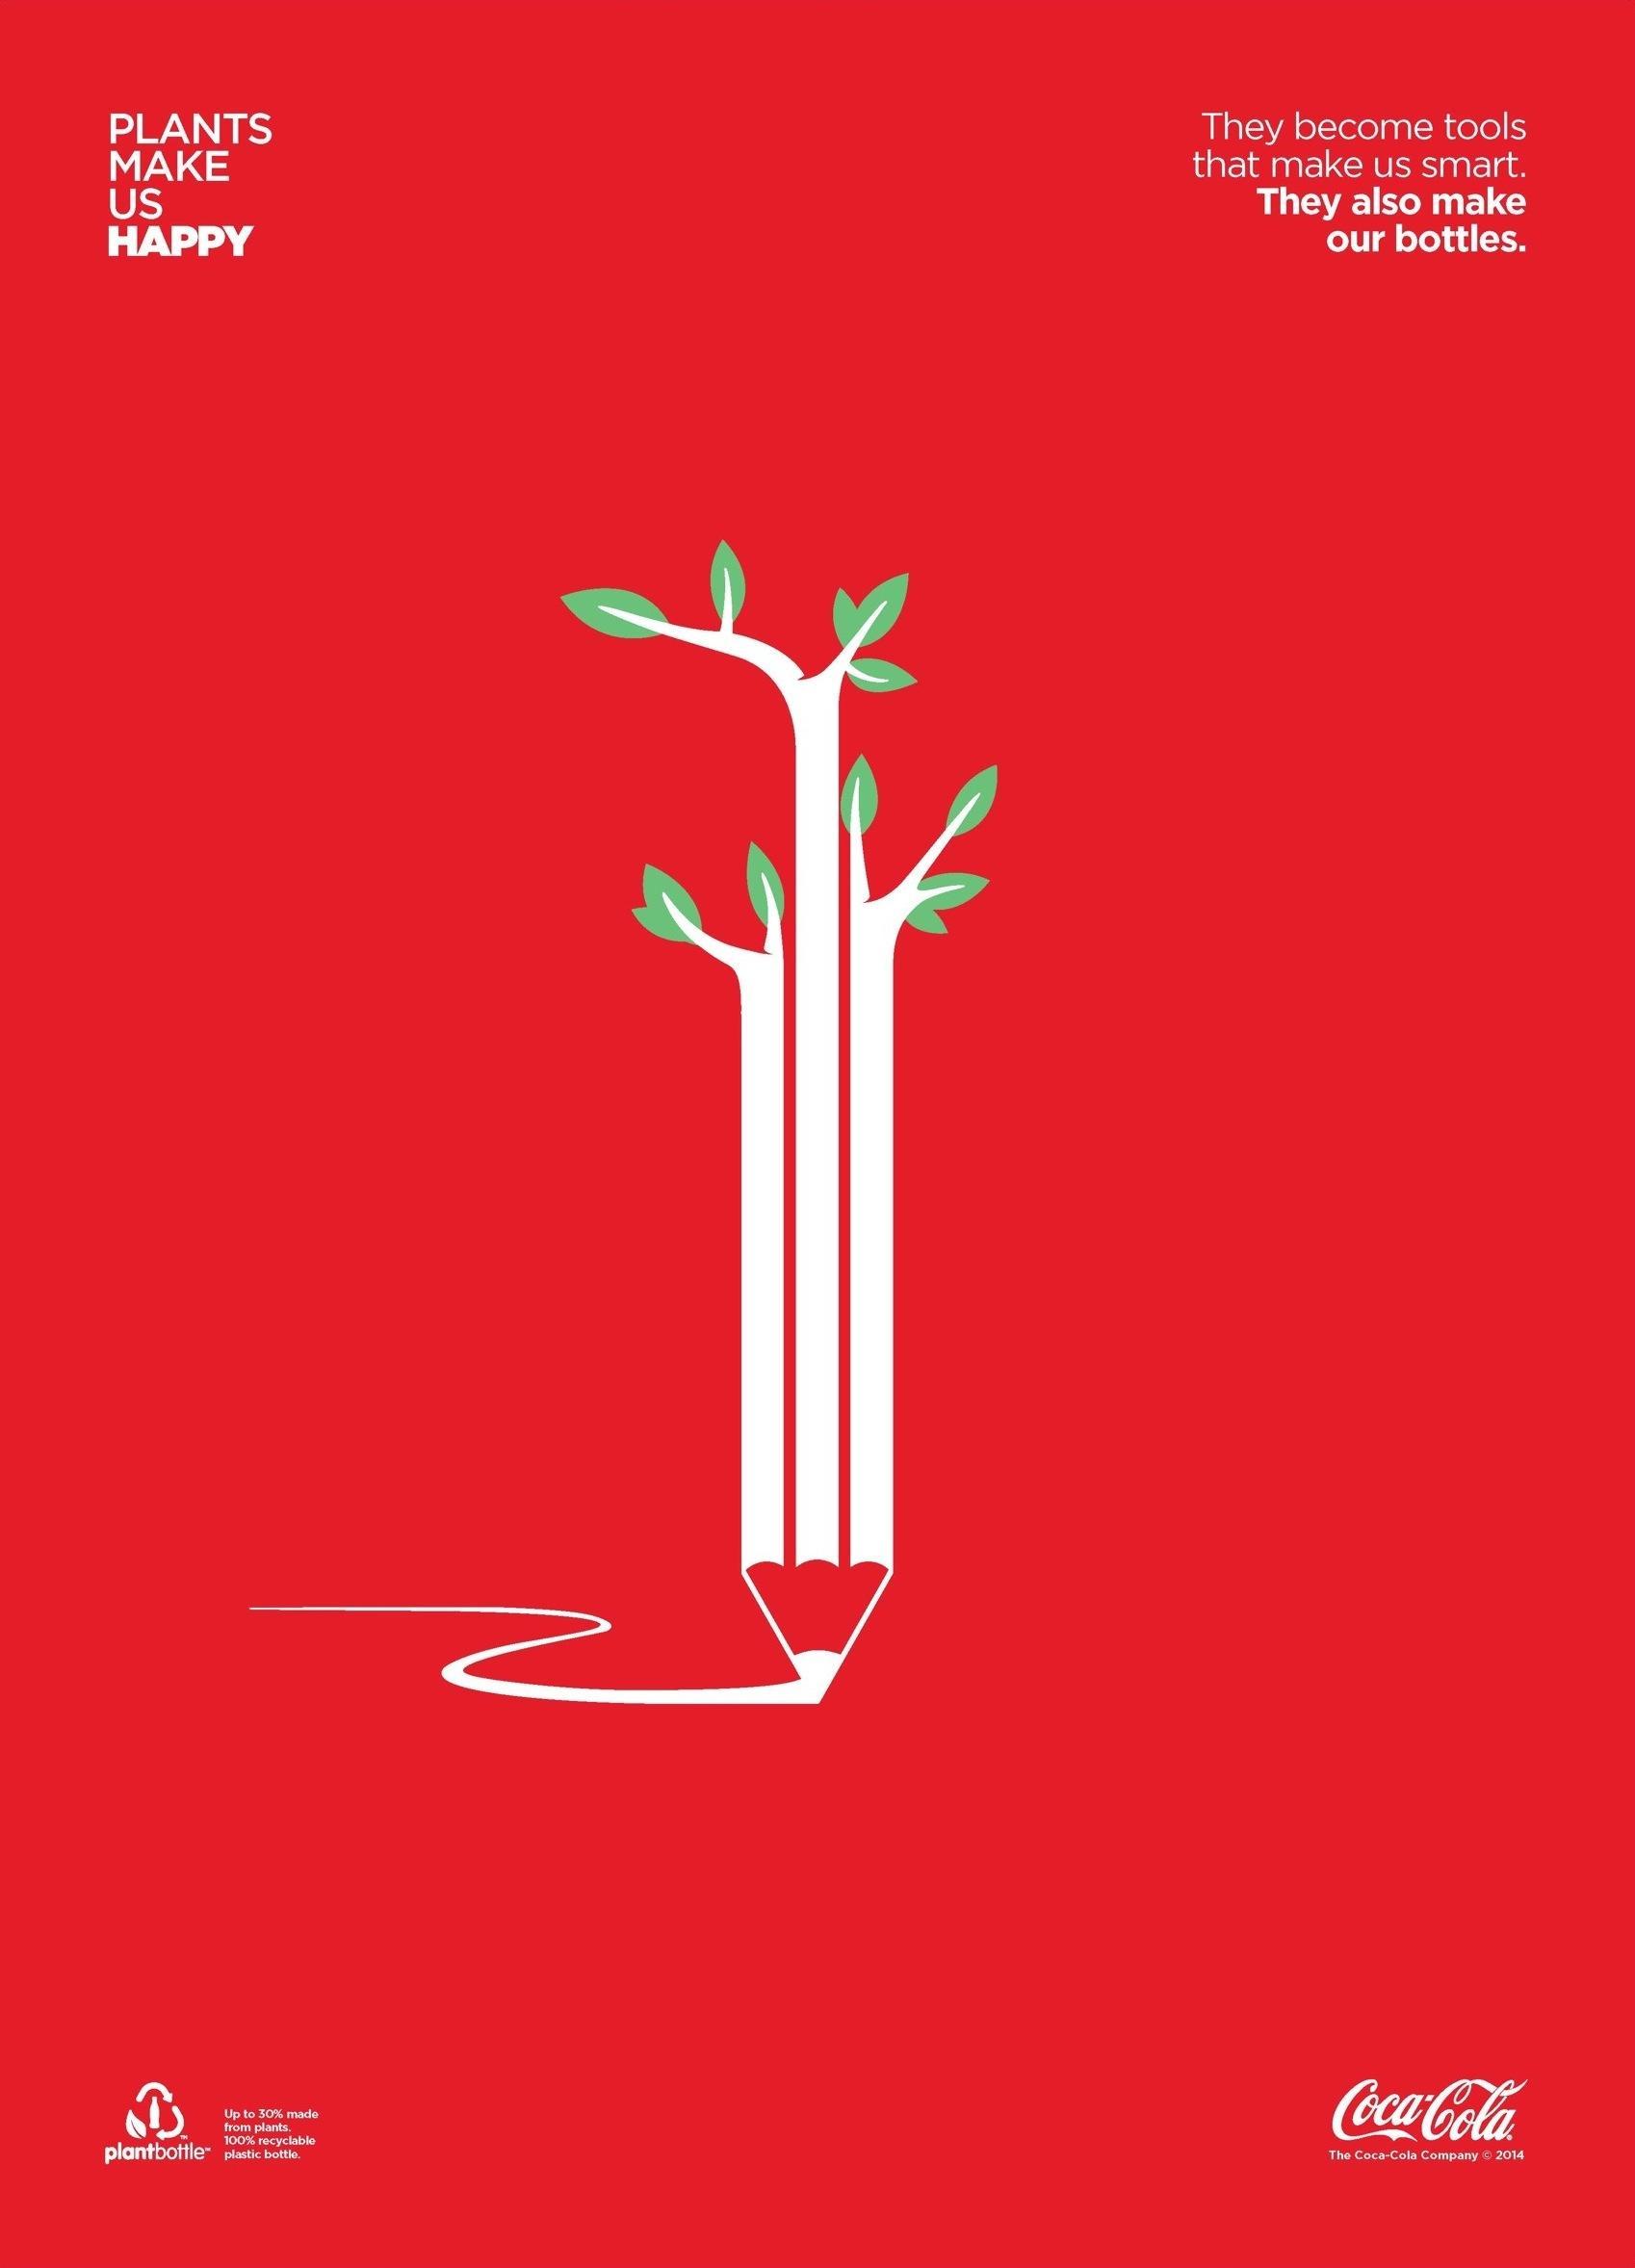 coca cola sostenibile 4